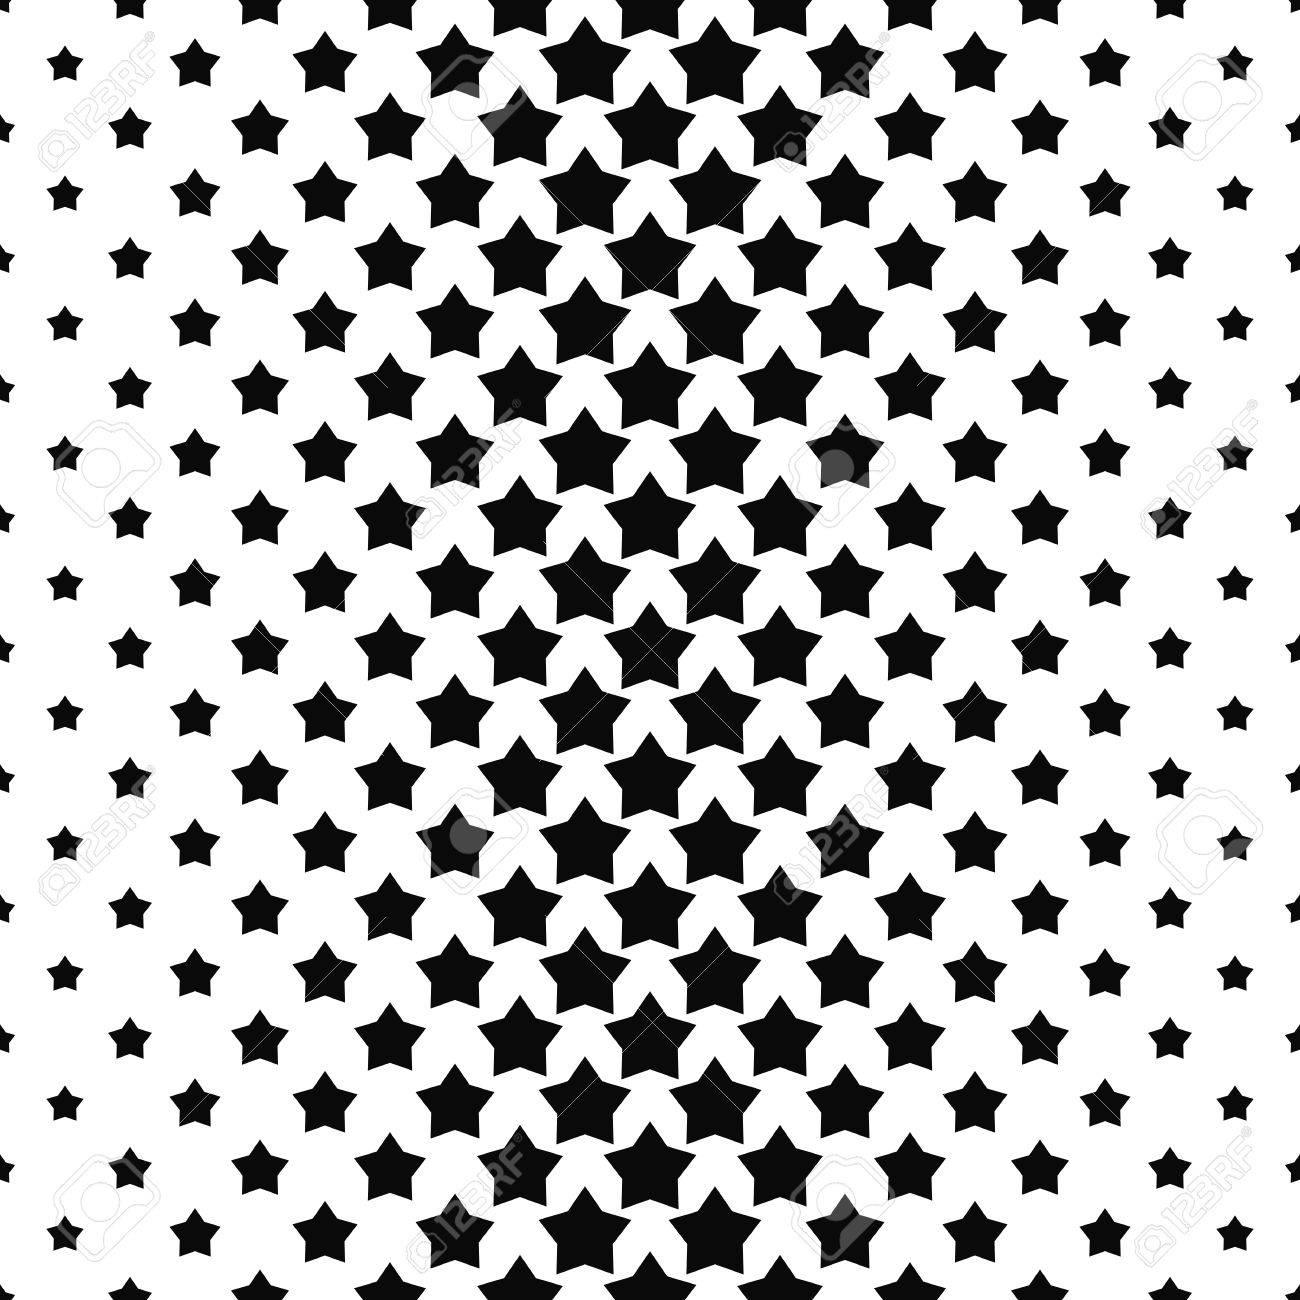 schwarz wei stern muster hintergrund vektor illustration standard bild - Stern Muster